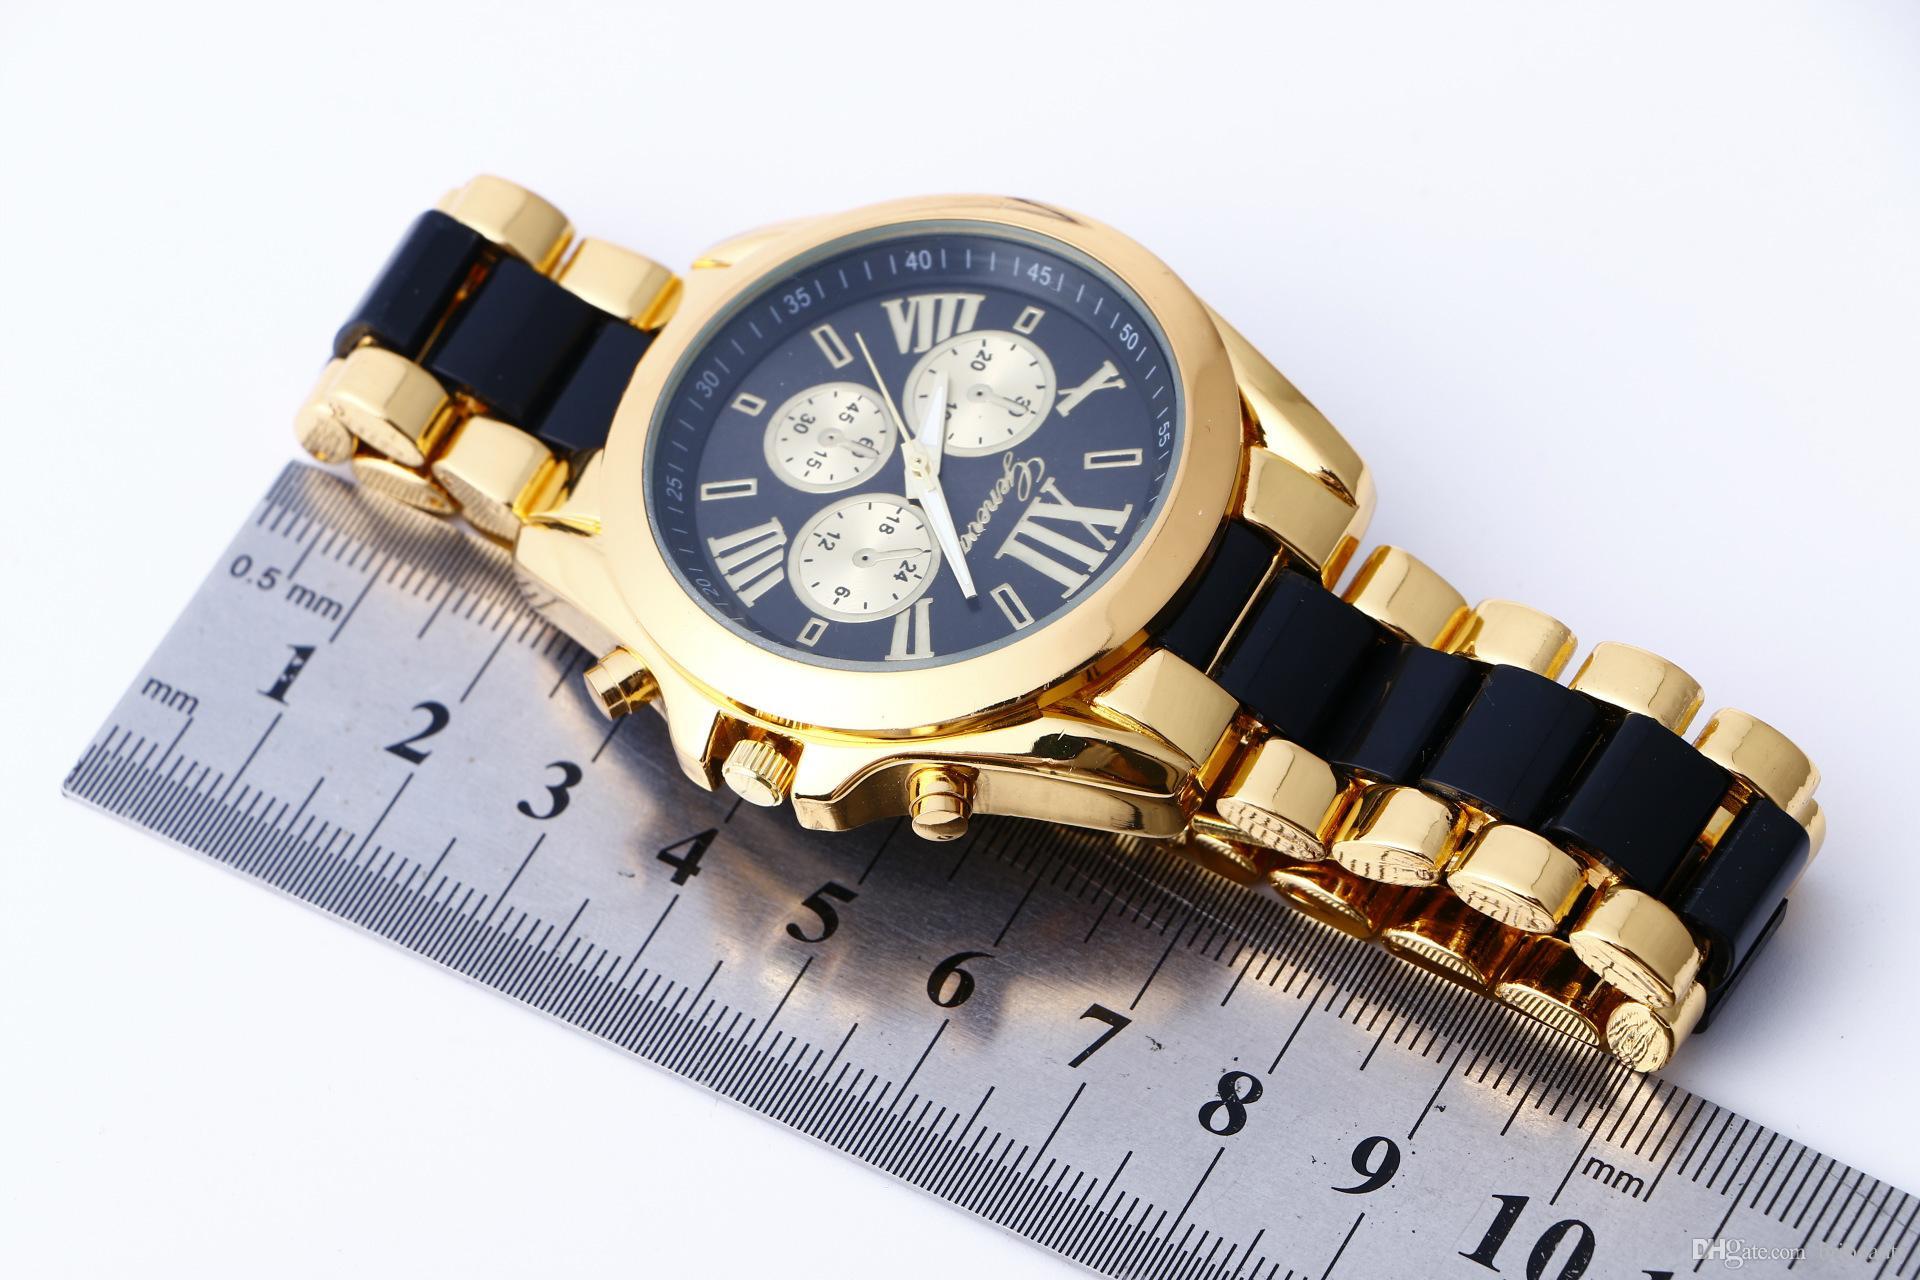 Classico orologio da donna al quarzo di Ginevra Orologio da uomo di moda stile romano, orologio da uomo d'affari, involucro di lusso, orologio da polso da regalo di lusso all'ingrosso